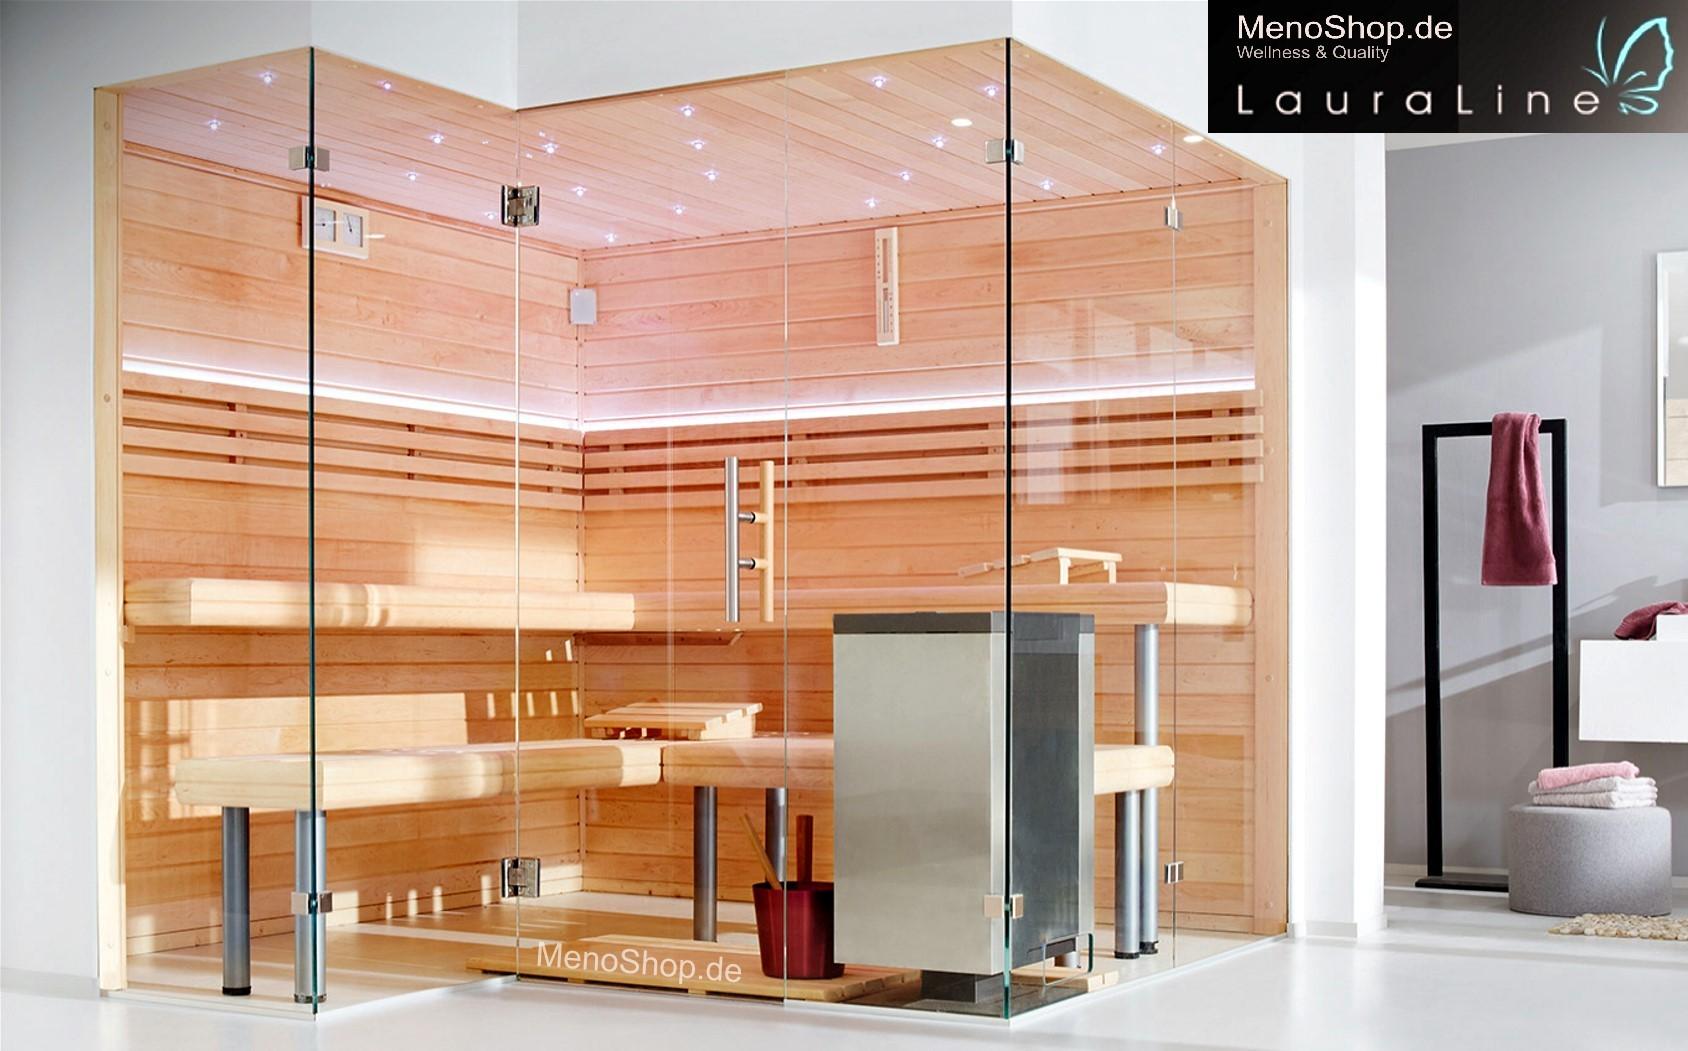 Saunaaufguss Duft als Konzentrat günstig kaufen - LauraLine Sauna Design